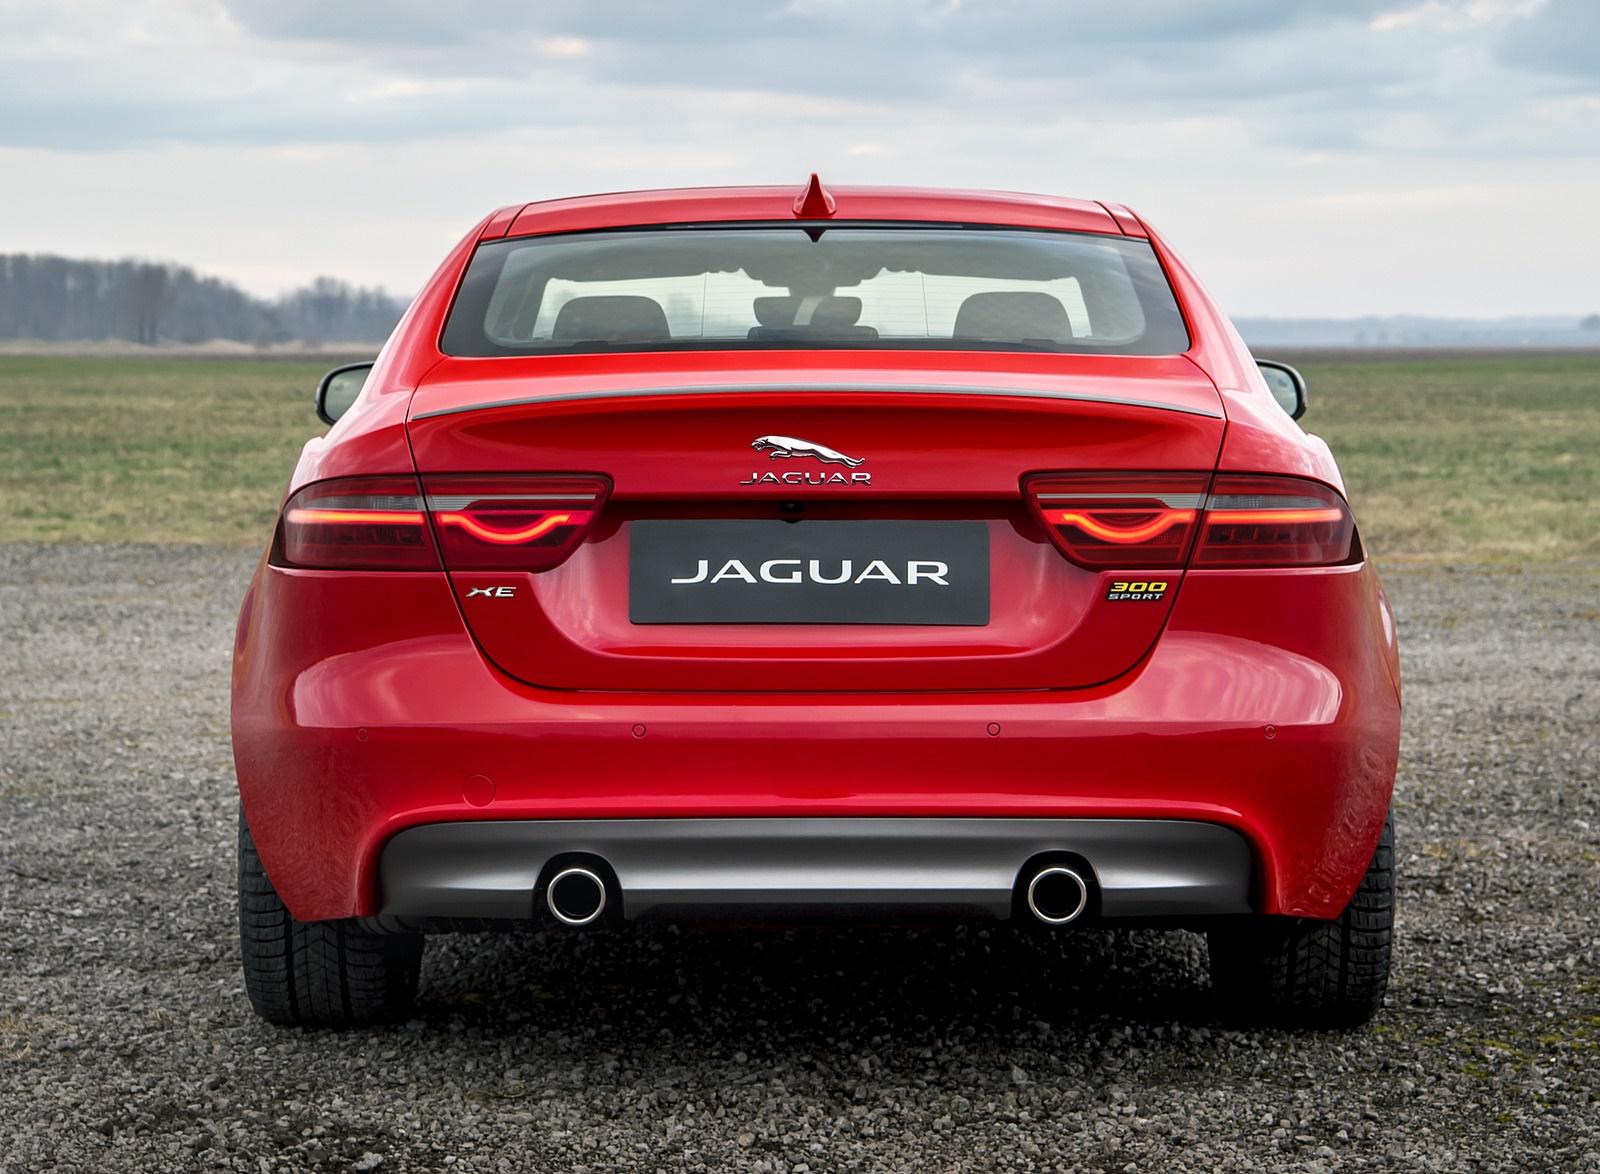 2019 Jaguar XE 300 SPORT Rear Wallpapers (8)